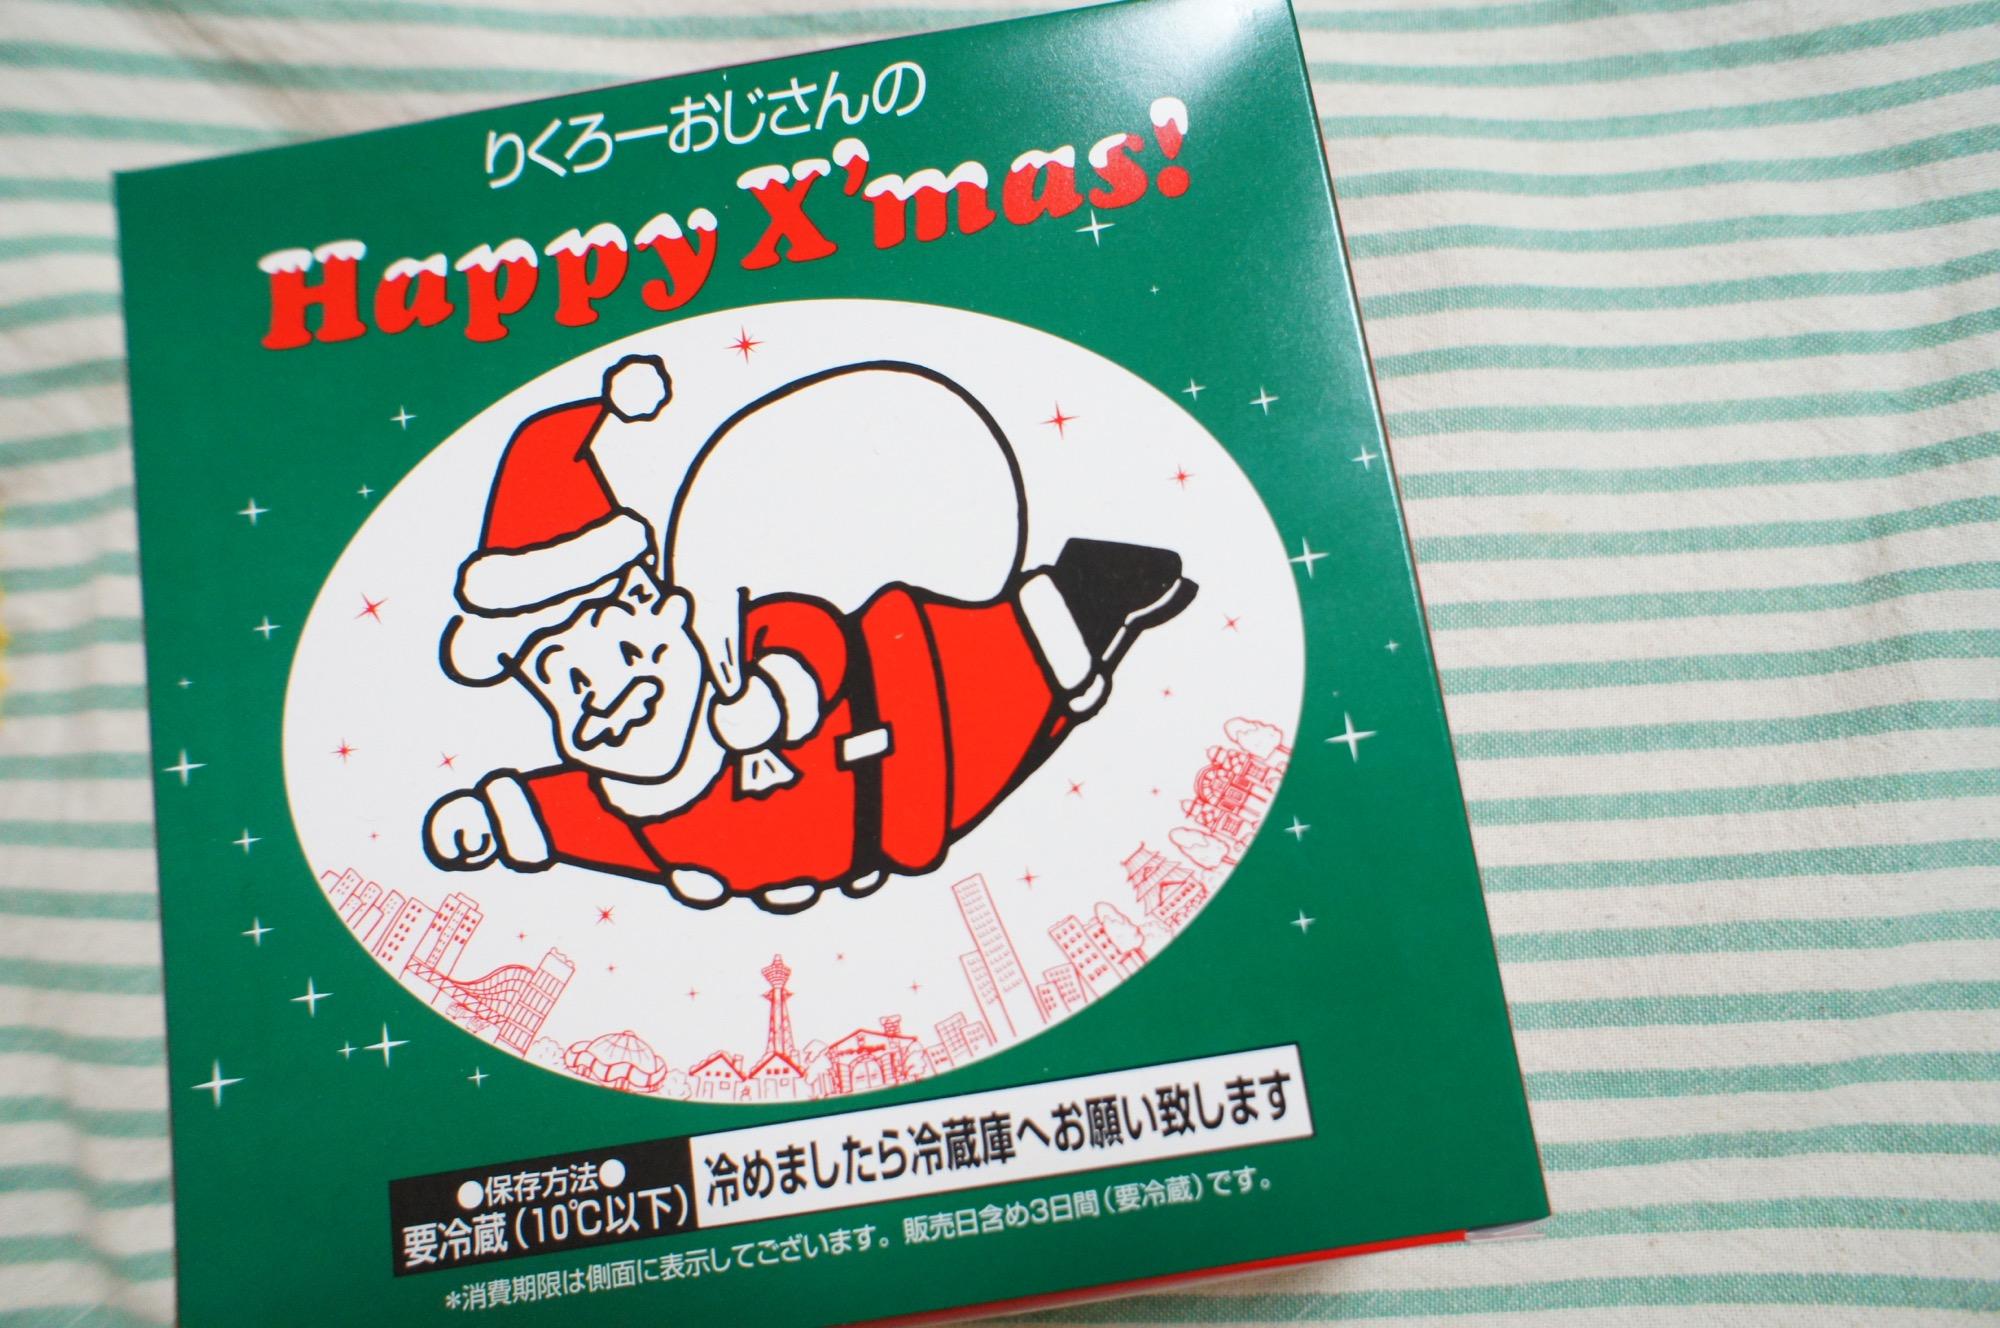 《ご当地MORE✩大阪》大人気土産❤️【りくろーおじさん】がクリスマス仕様に…☻!_1